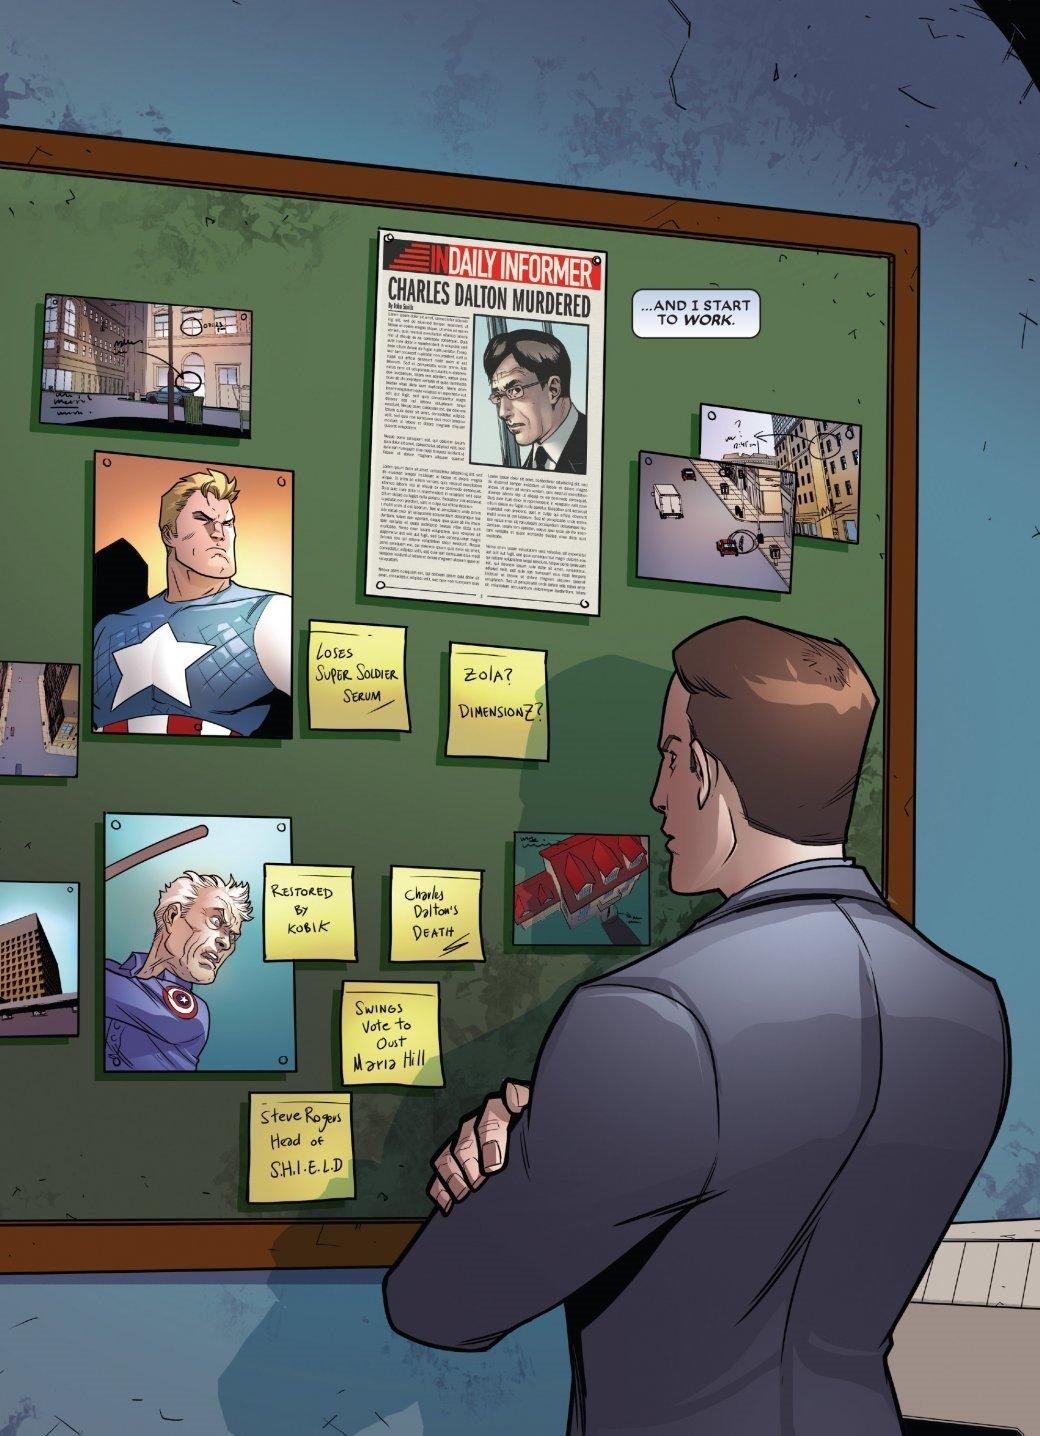 Как Капитан Америка предал все ради власти над Гидрой ивсем миром. - Изображение 20